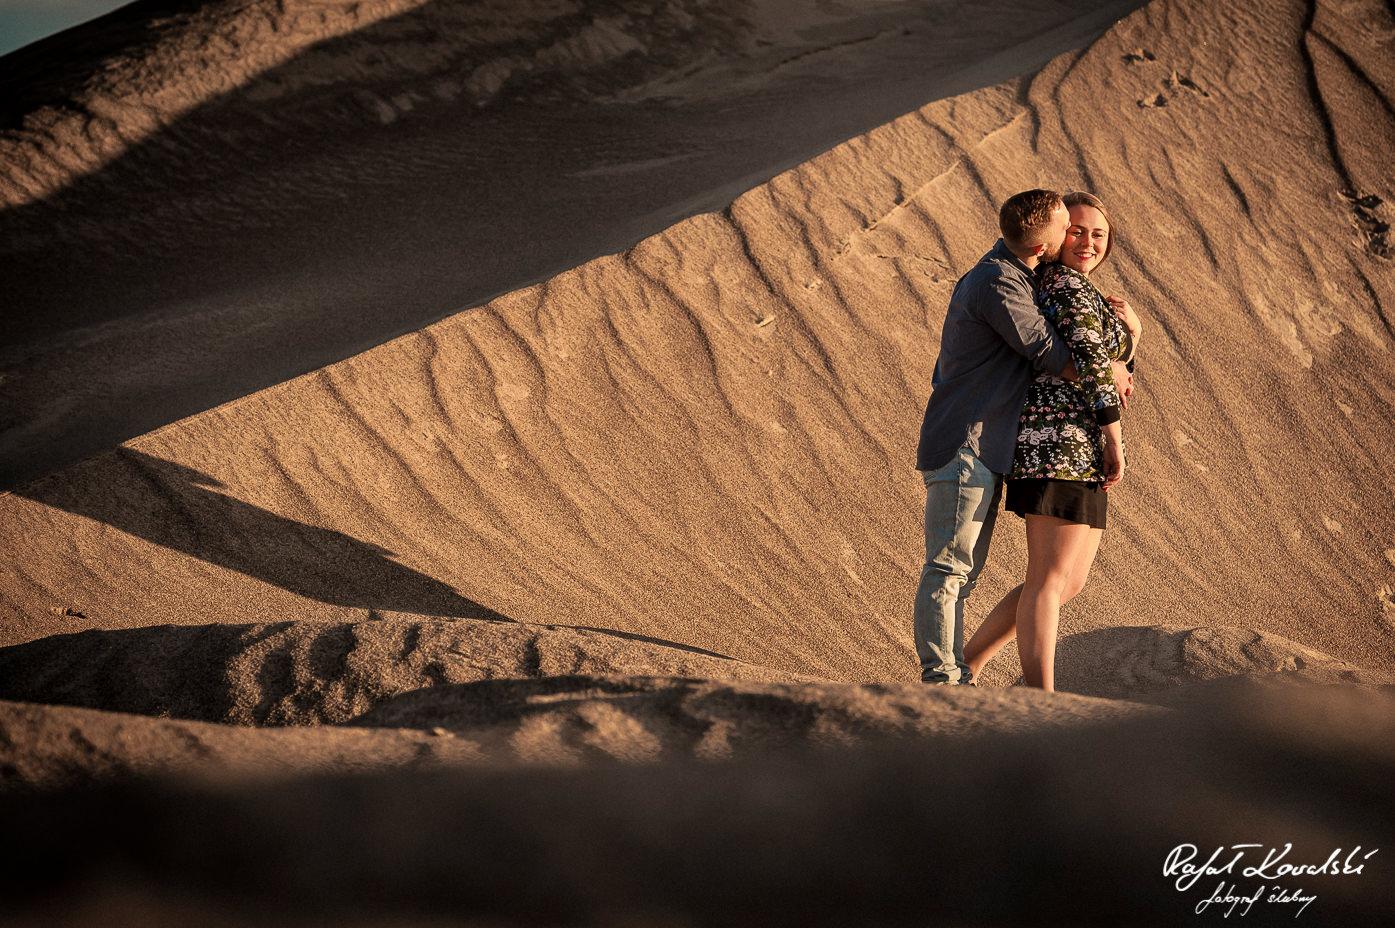 Sesja na pustyni fotograf gdańsk Rafał Kowalski